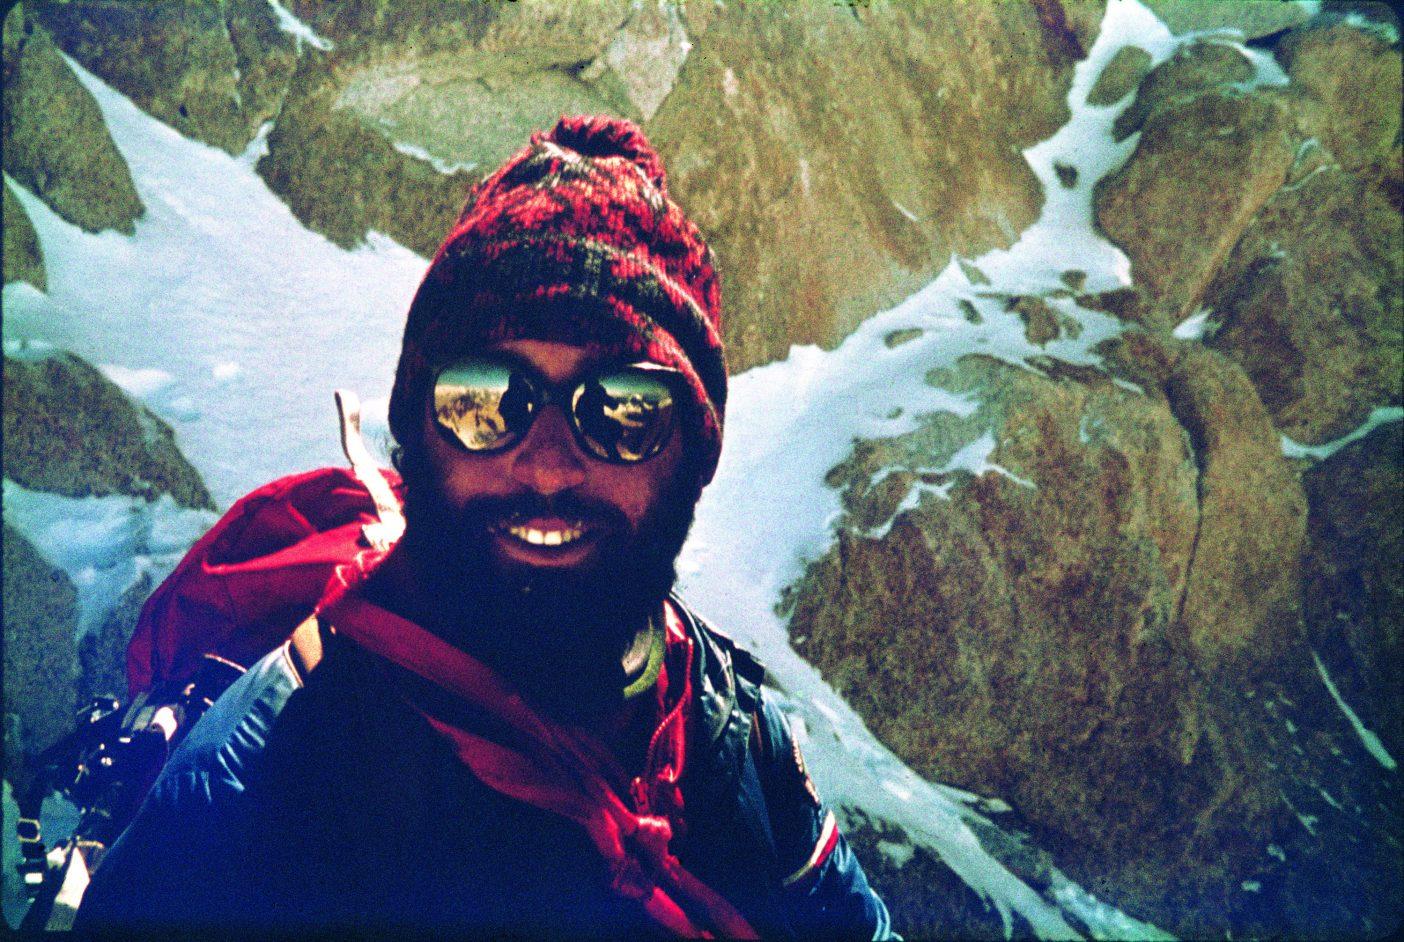 映像制作者リト、イタリアン・コルの近くにて。彼はヴュアルネのサングラス、スキー帽、フランスのスキースクールのジャケットという出で立ちで、それは当時流行のスキーファッションだった。